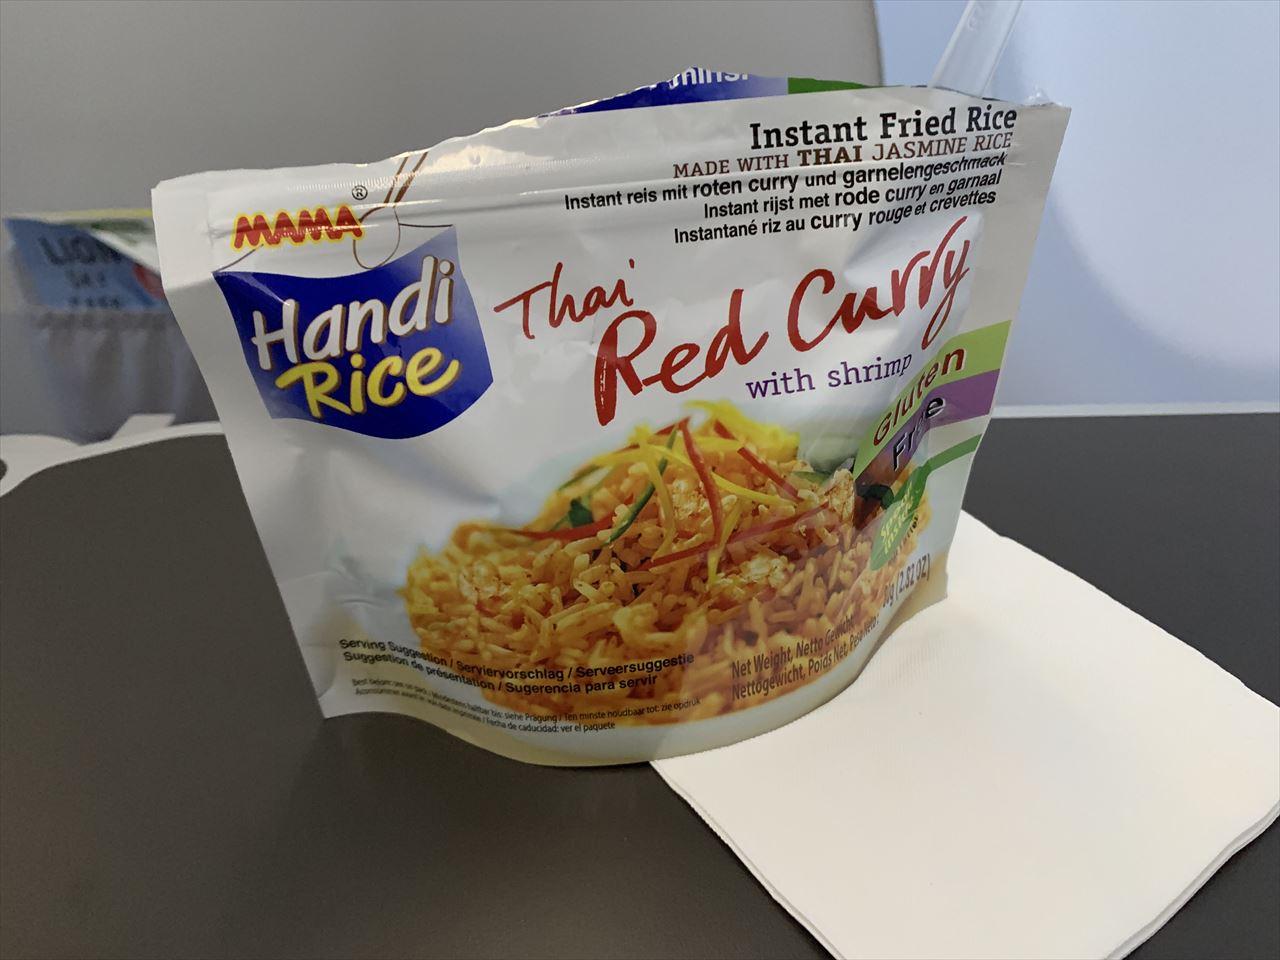 タイライオンエア機内食インスタントタイレッドカレー